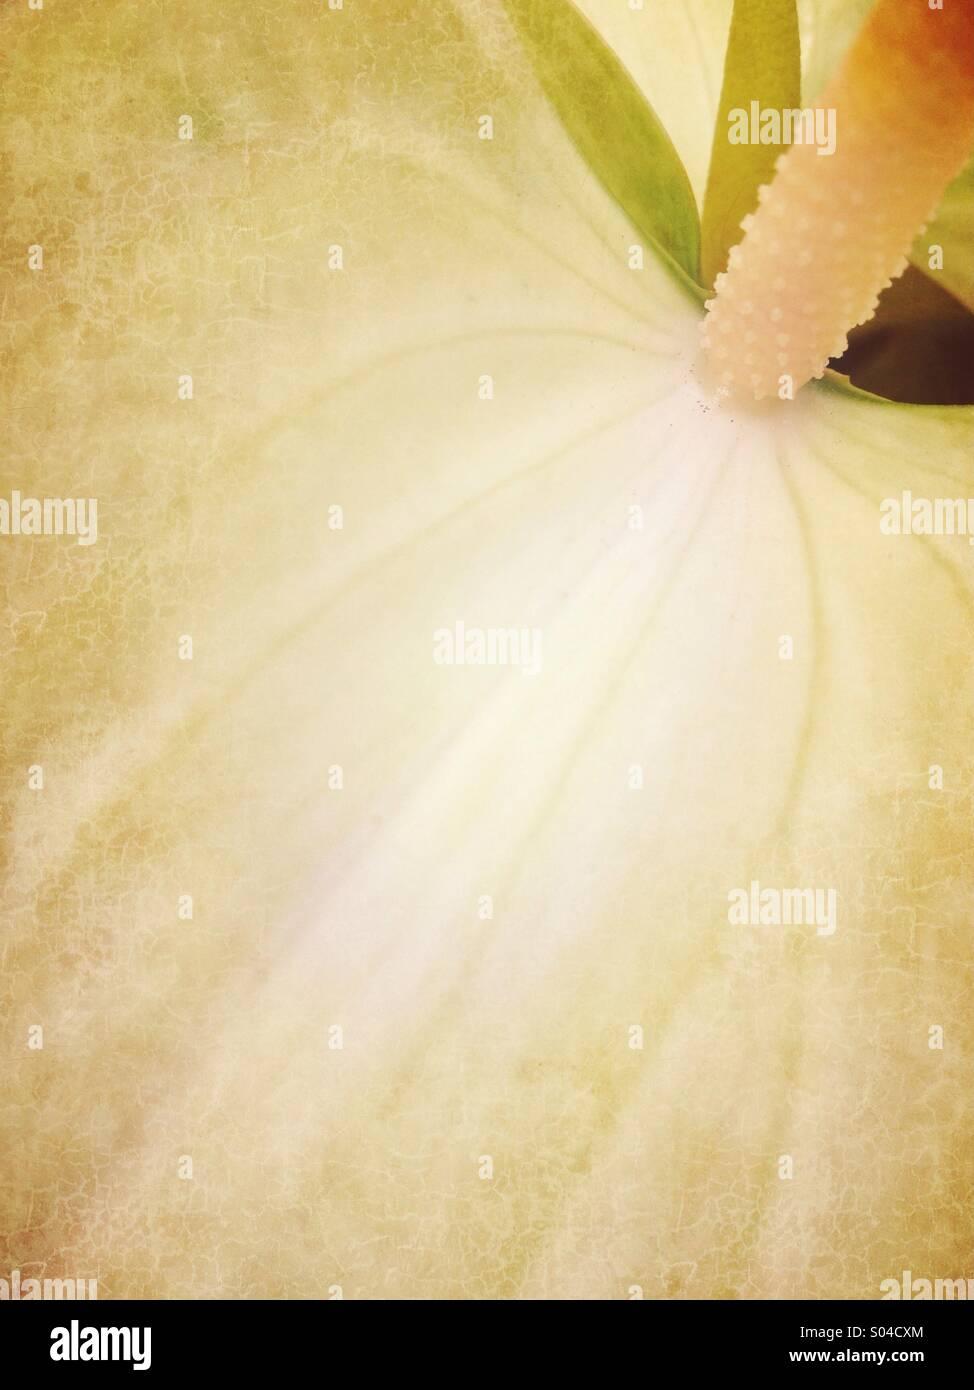 Detail of anthurium petal - Stock Image